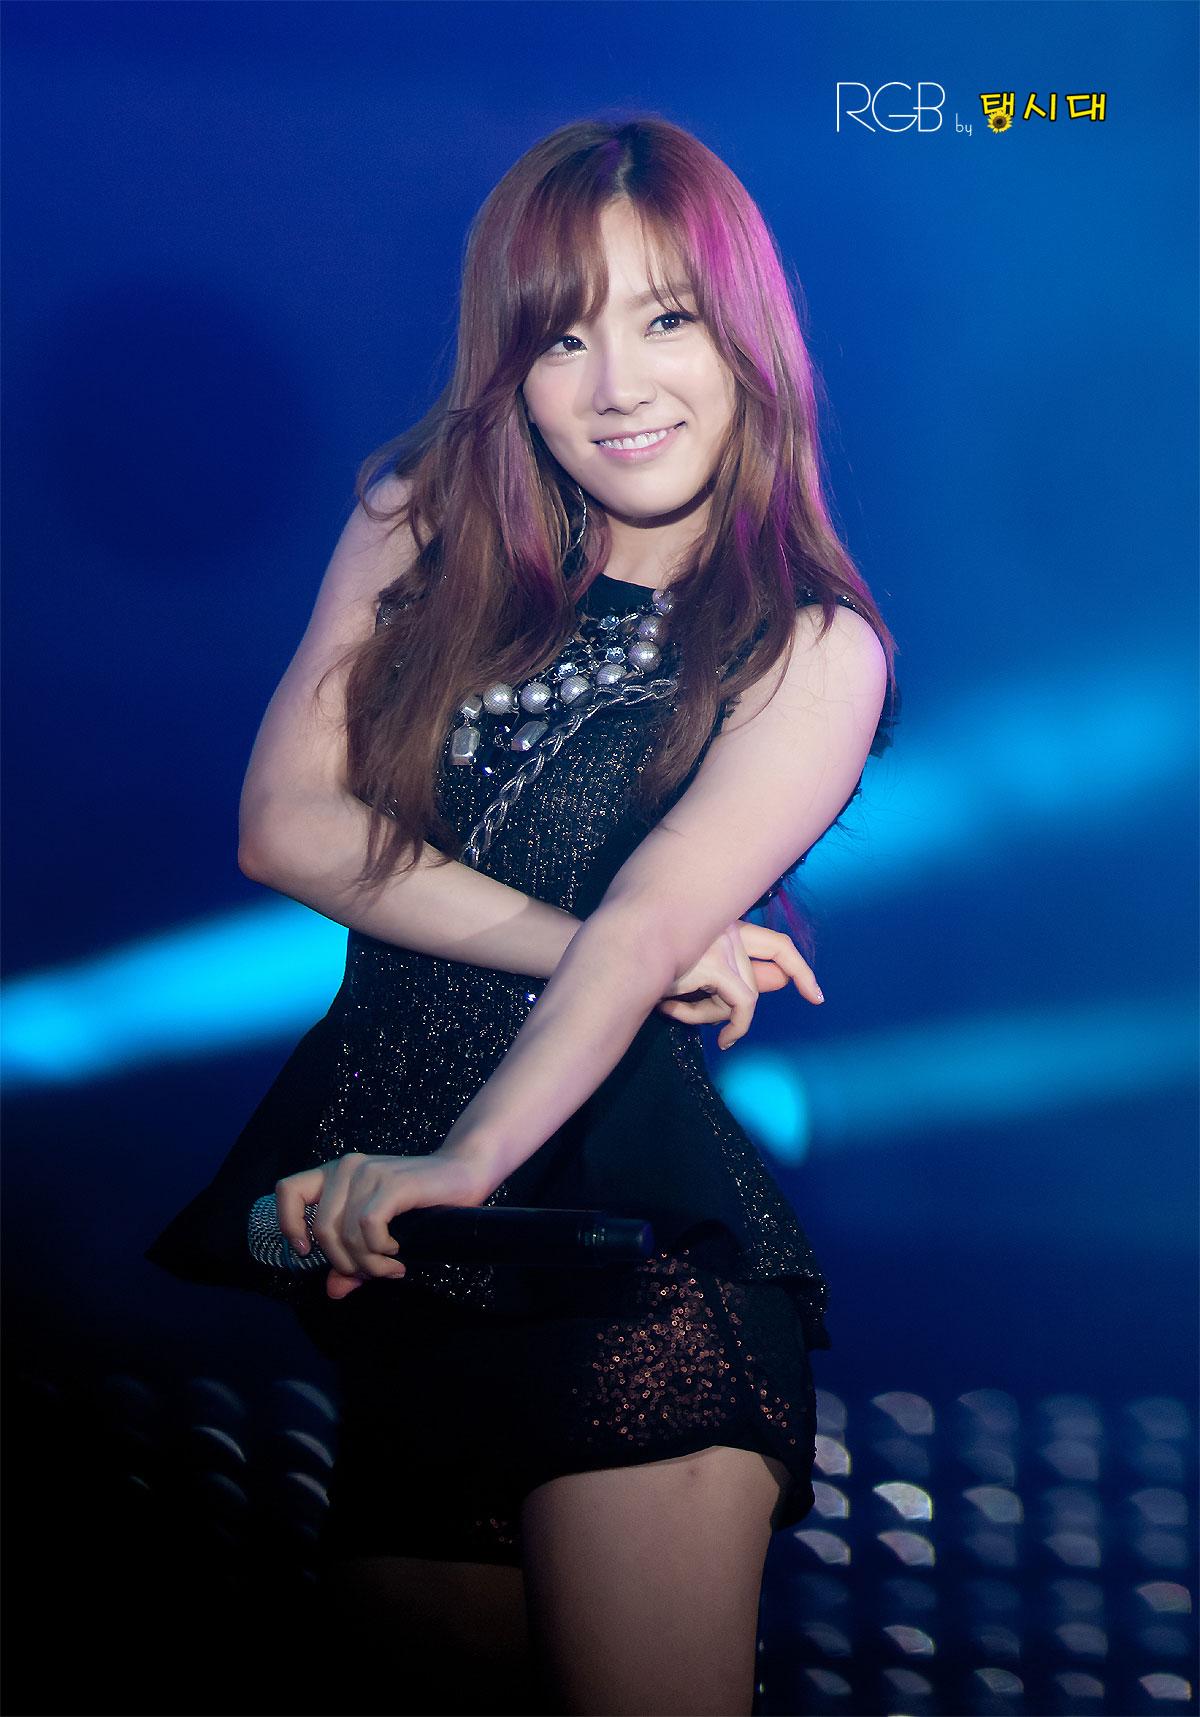 [PICS][20/7/2012] Taeyeon @ Yeosu Expo Concert 201 Taeyeon-yeosu-concert-4